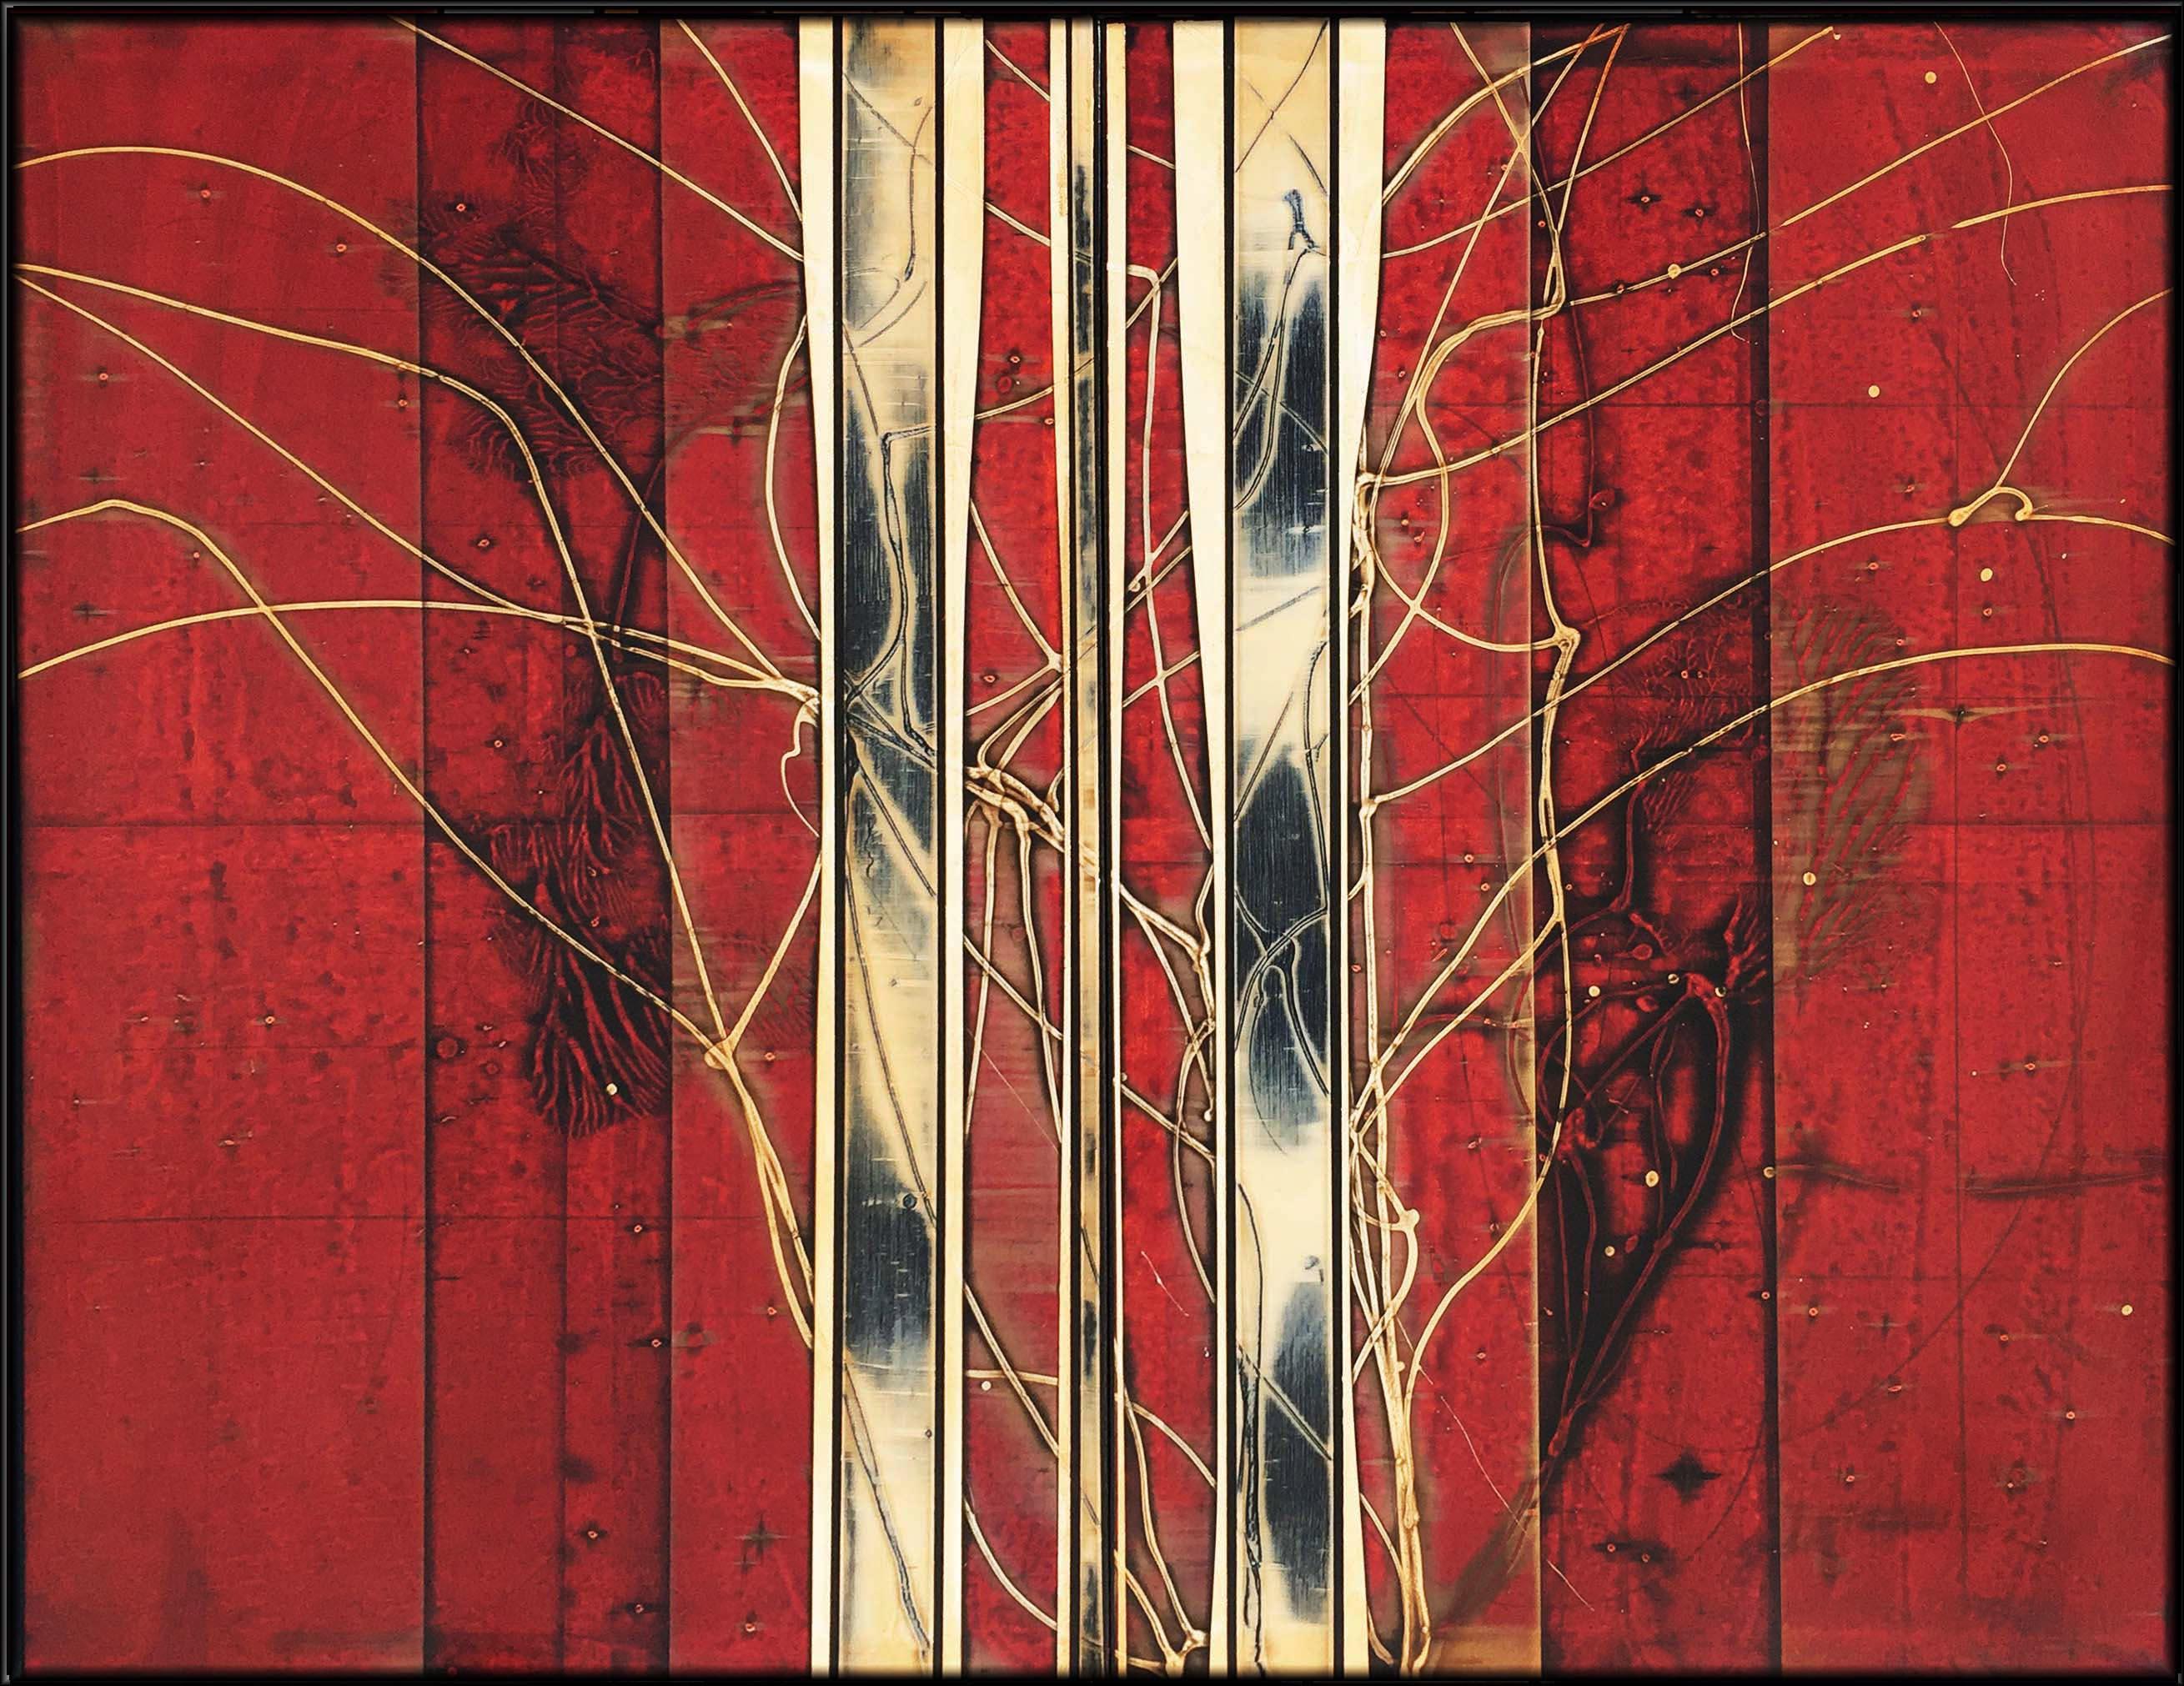 Redpines (3) 48x60